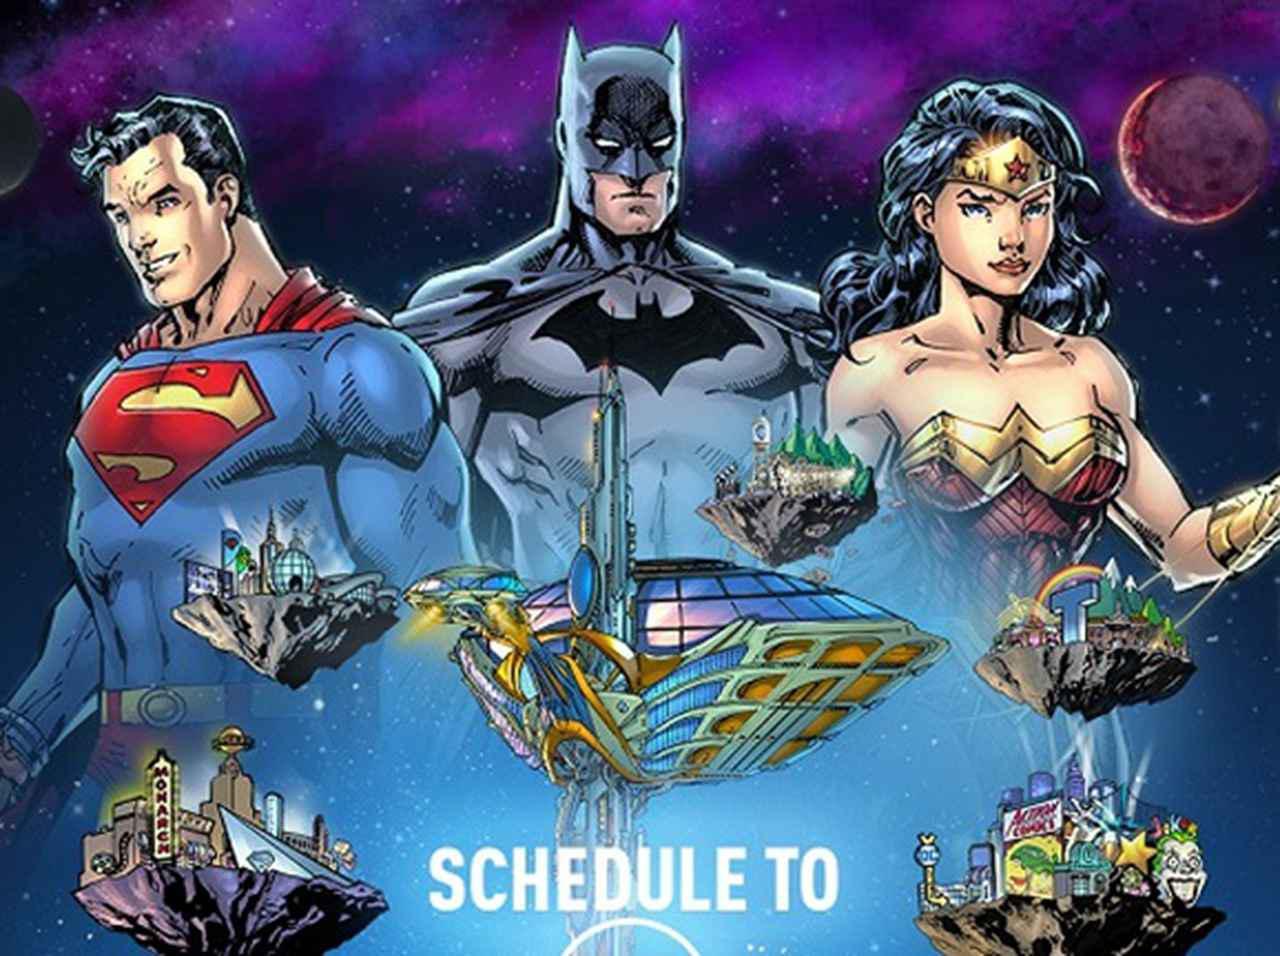 画像: DCファンドーム(DC FanDome)の最新情報まとめ!DCコミックス最大の2日間のオンラインイベント - フロントロウ -海外セレブ情報を発信